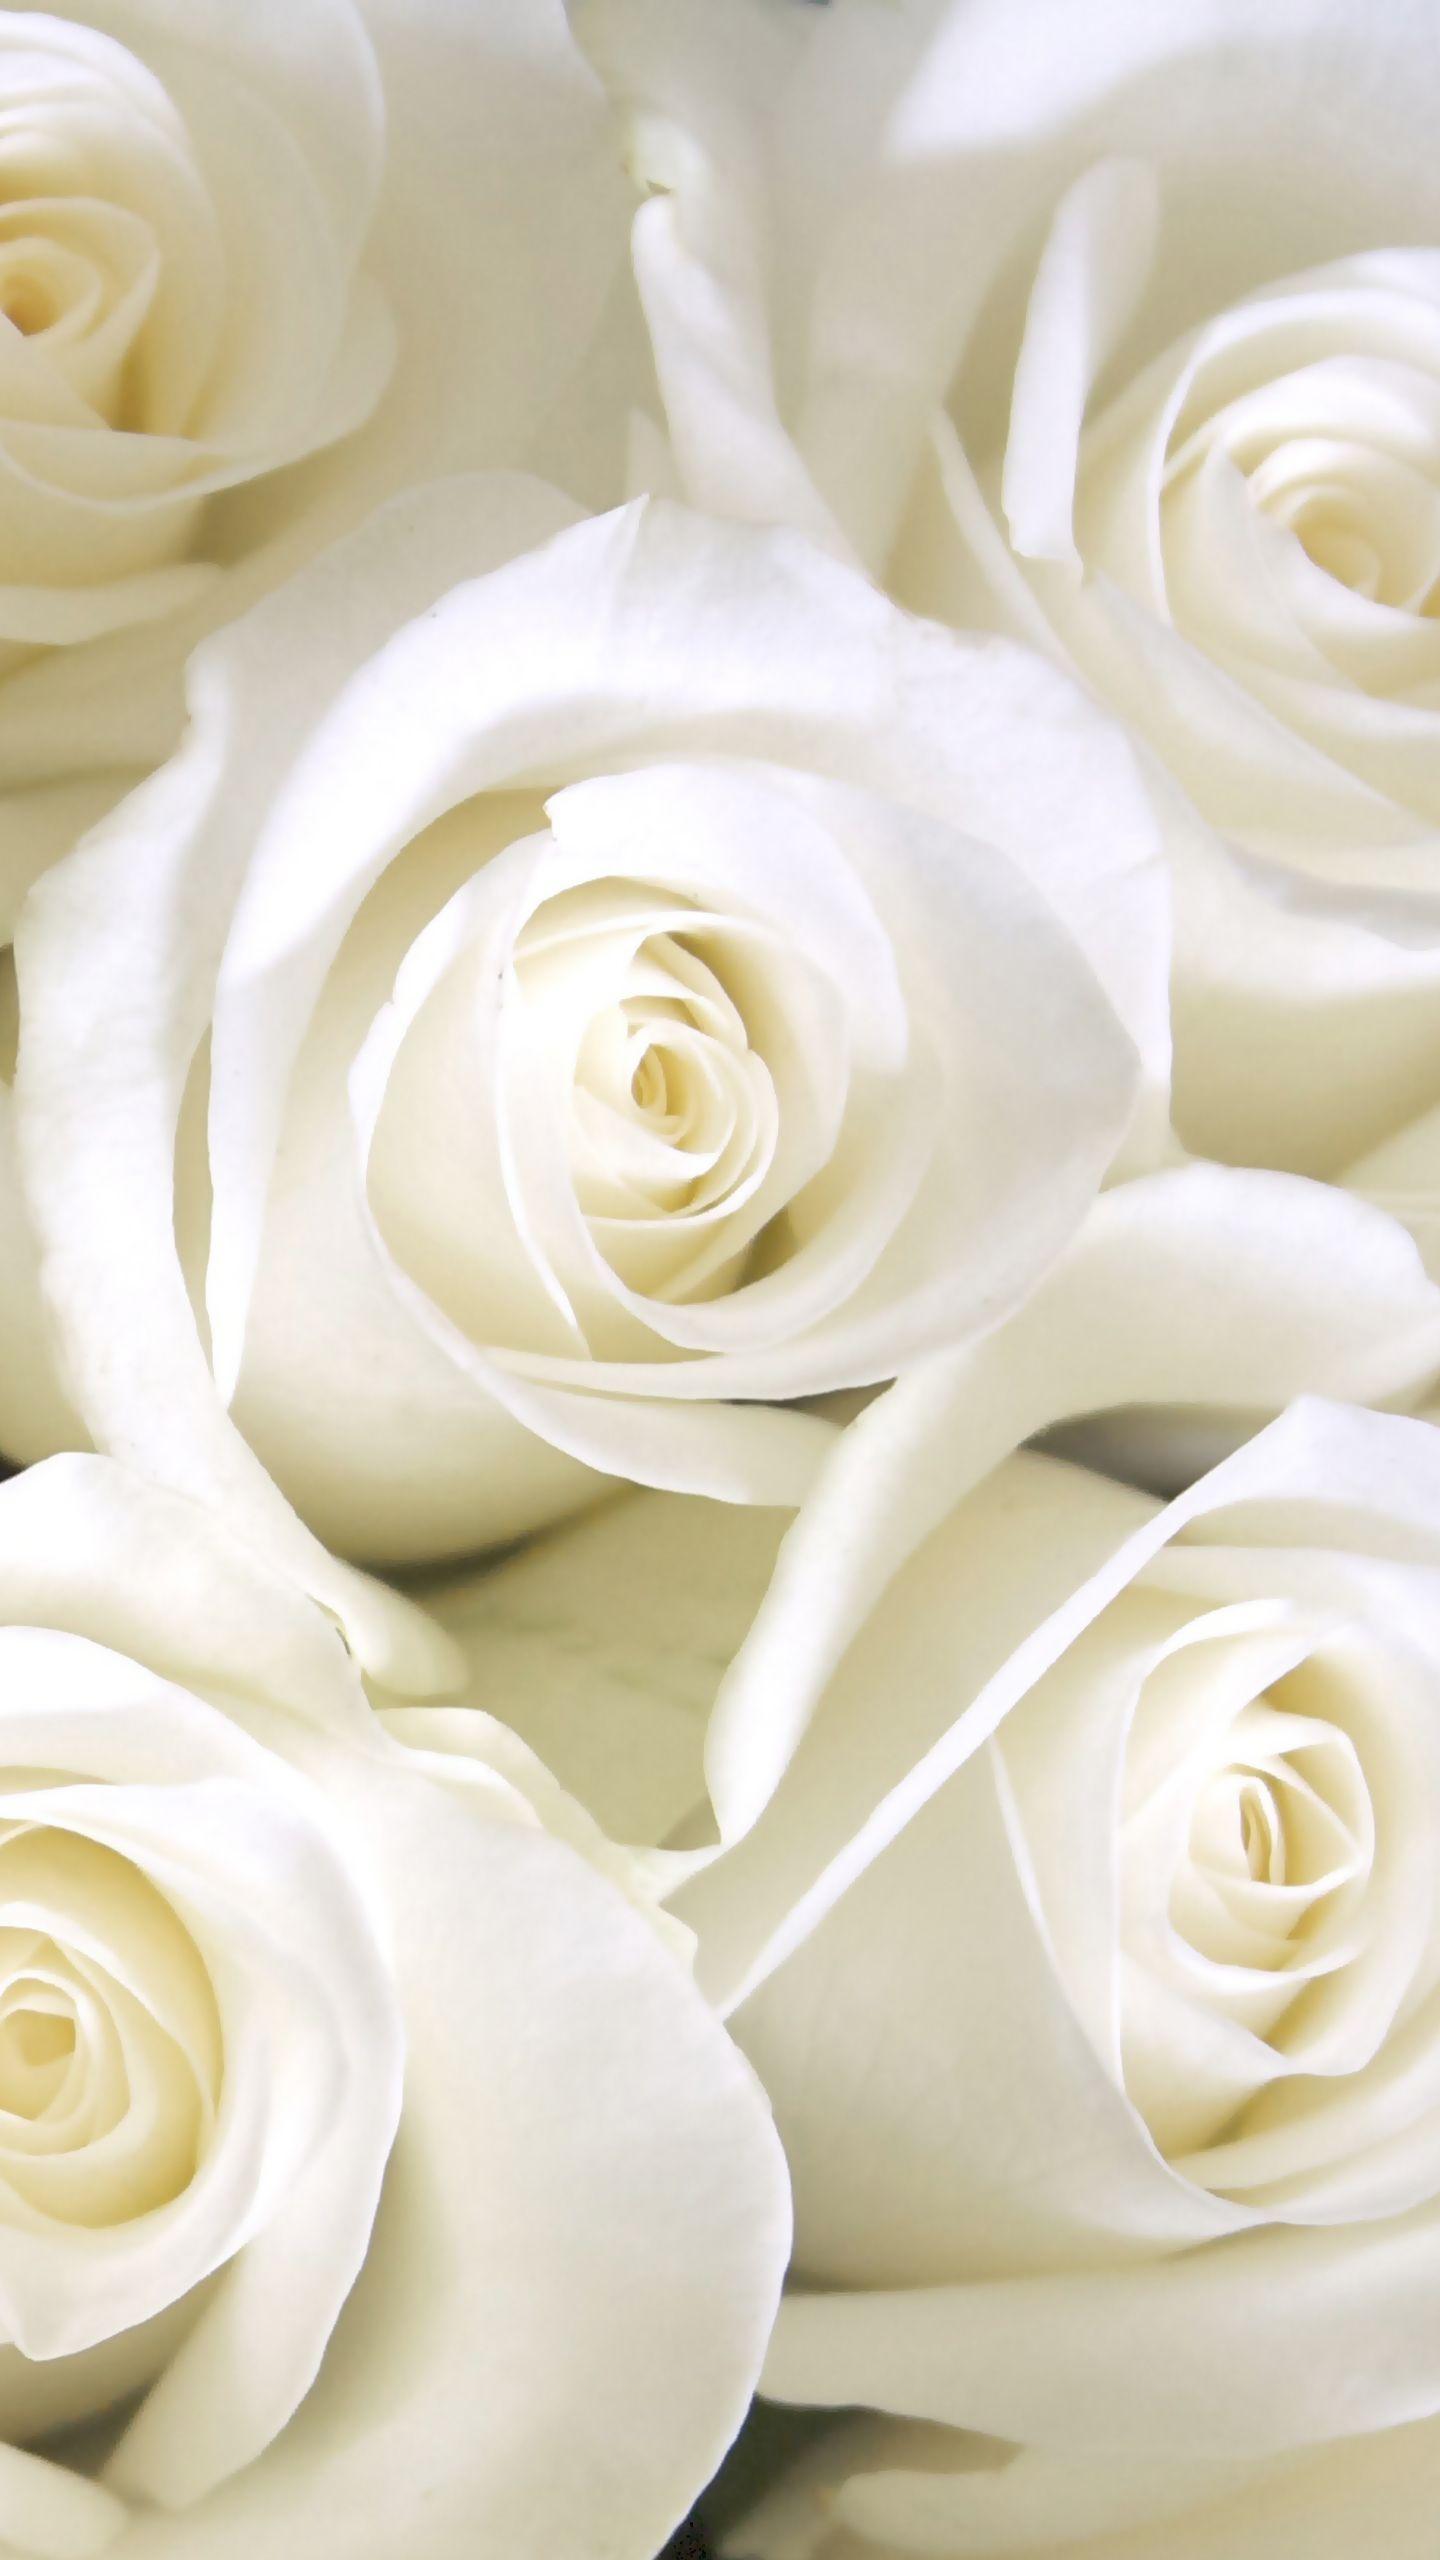 صور ورد جميل صور ورد رومانسى HD 2020 معلومات عن الورد 6